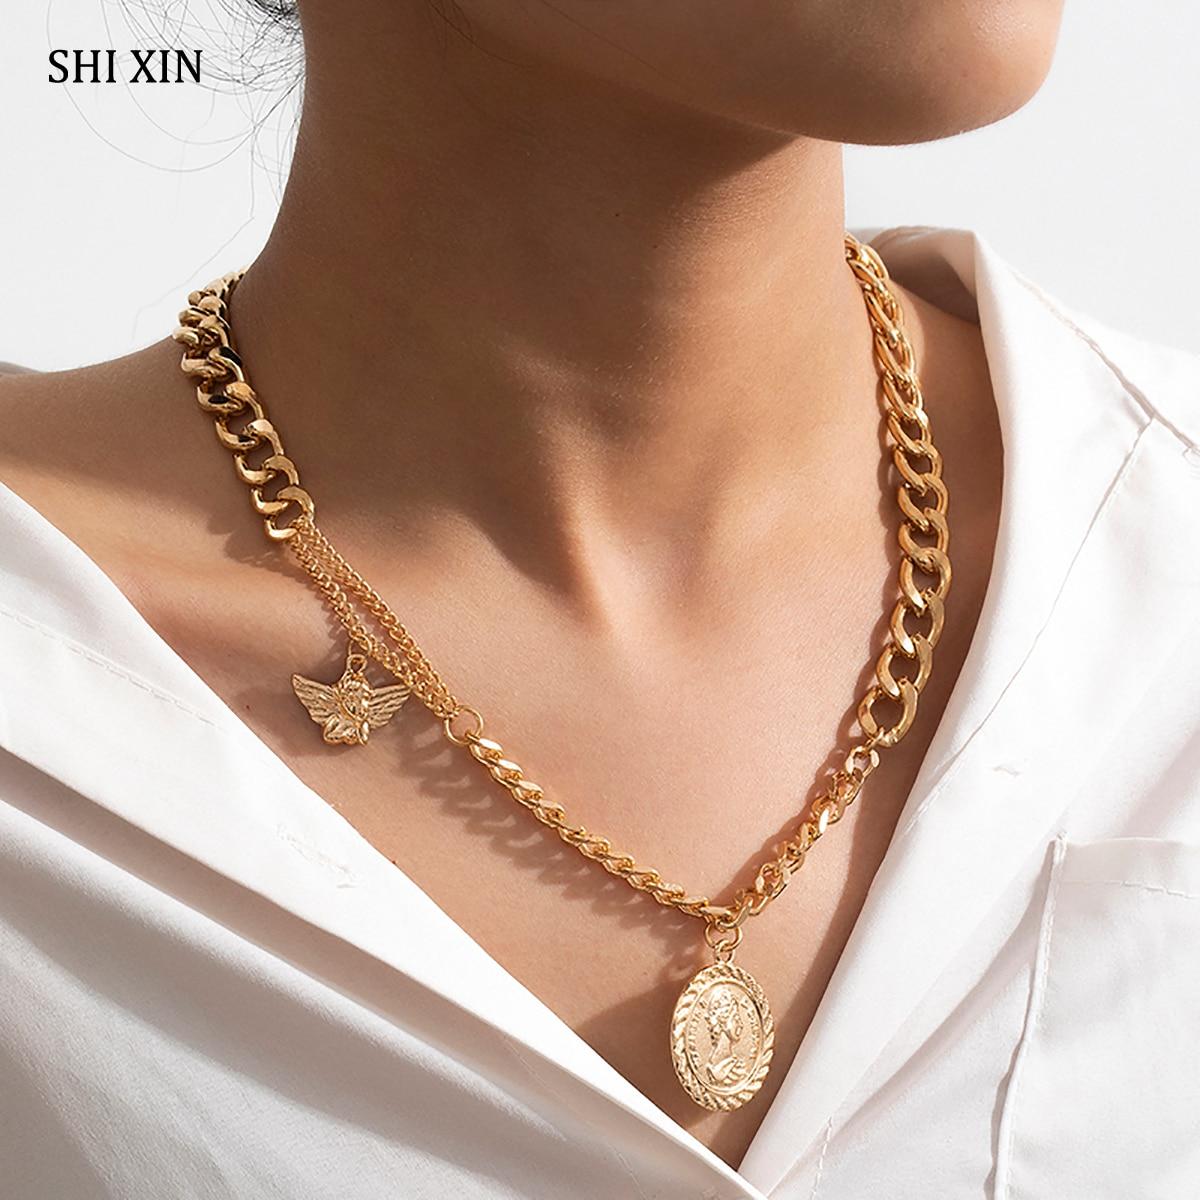 Collar SHIXIN Punk grueso con colgante de moneda/Ángel para mujer, Gargantilla corta de hip hop, collar de moda 2020, regalo de joyería